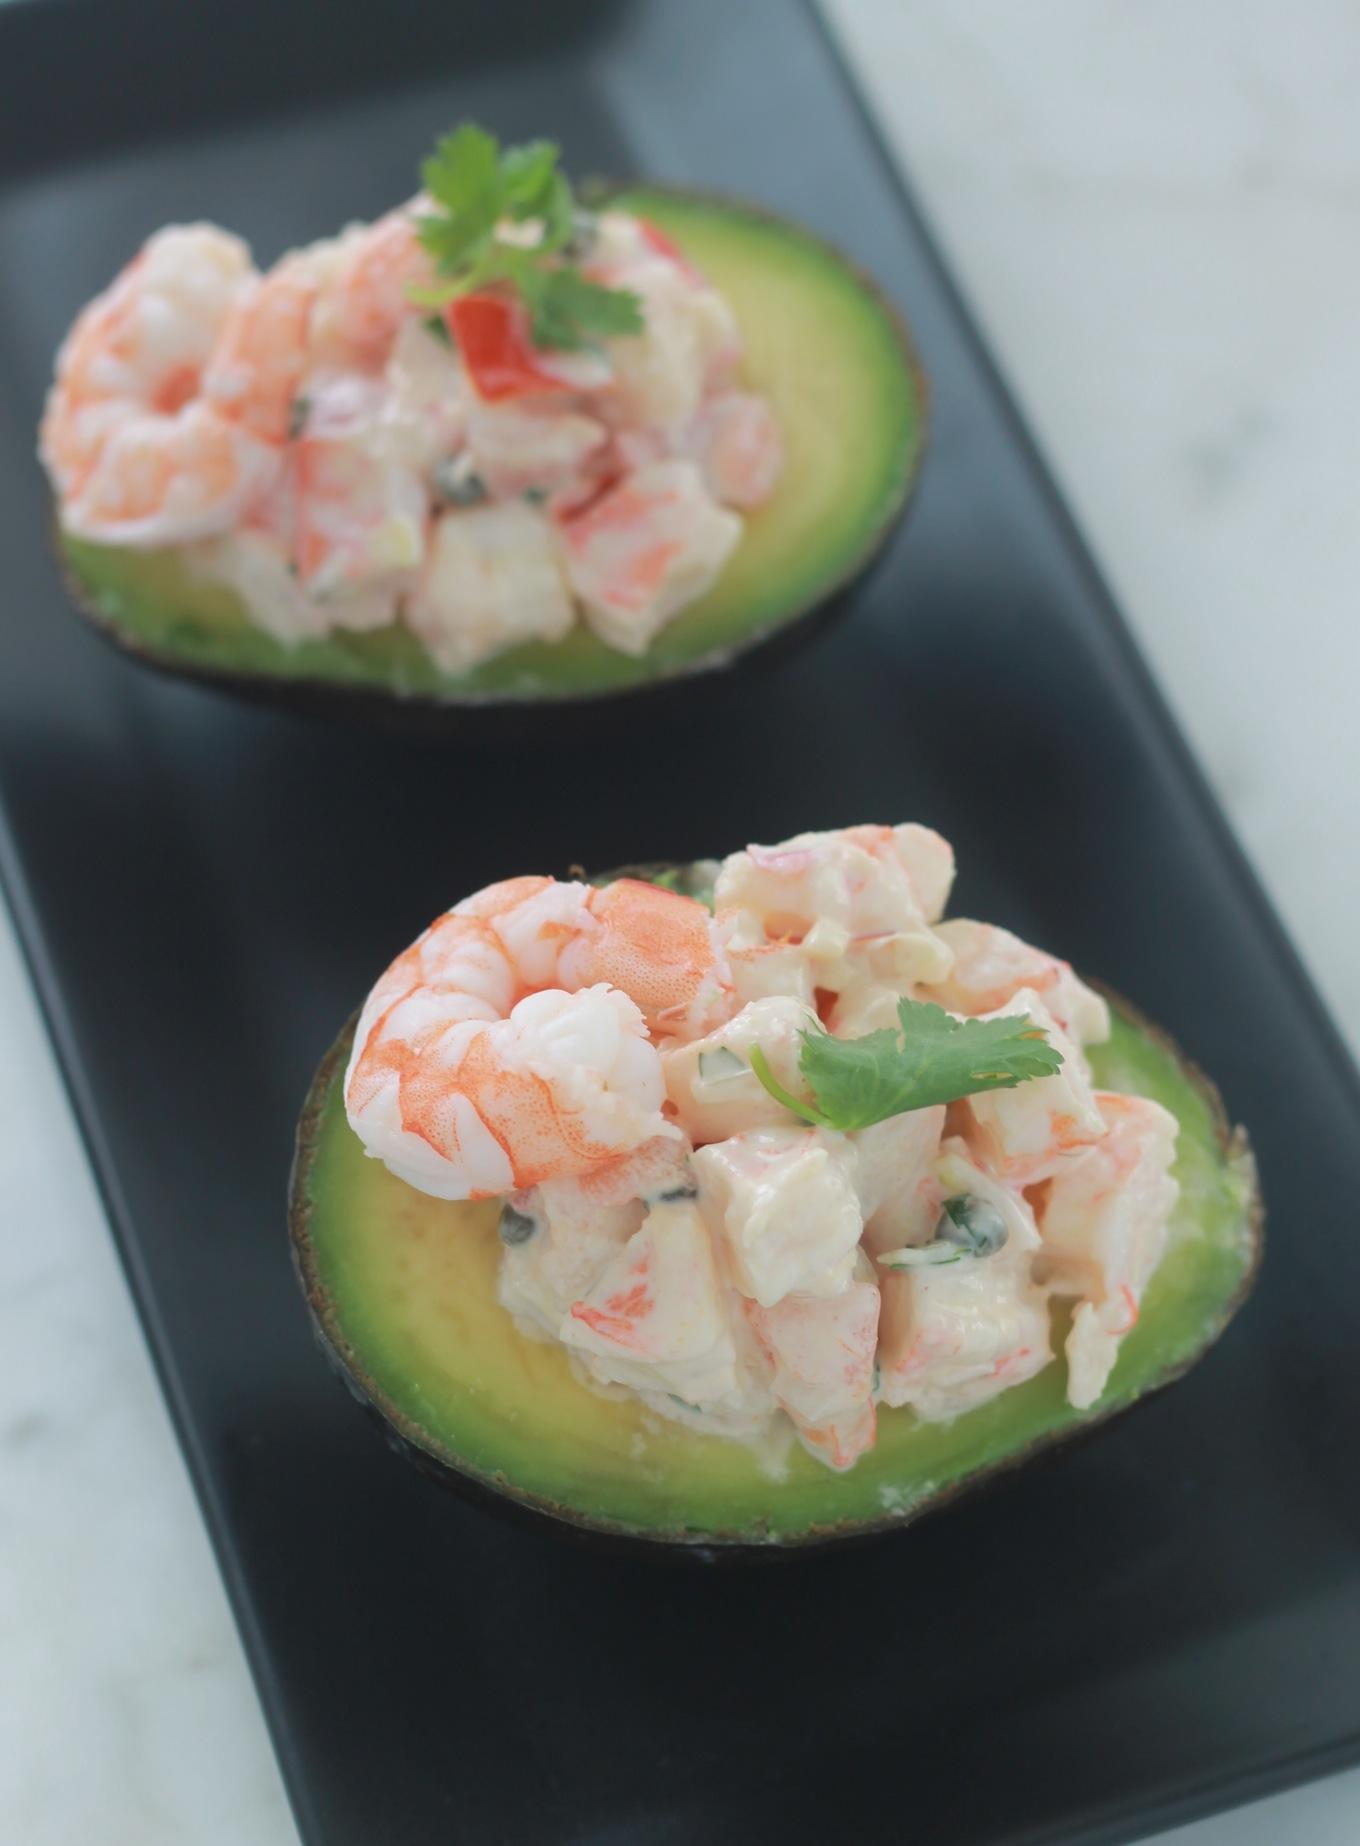 Ces avocats farcis aux crevettes font une délicieuse entrée saine, facile et rapide à préparer. / cuisineculinaire.com